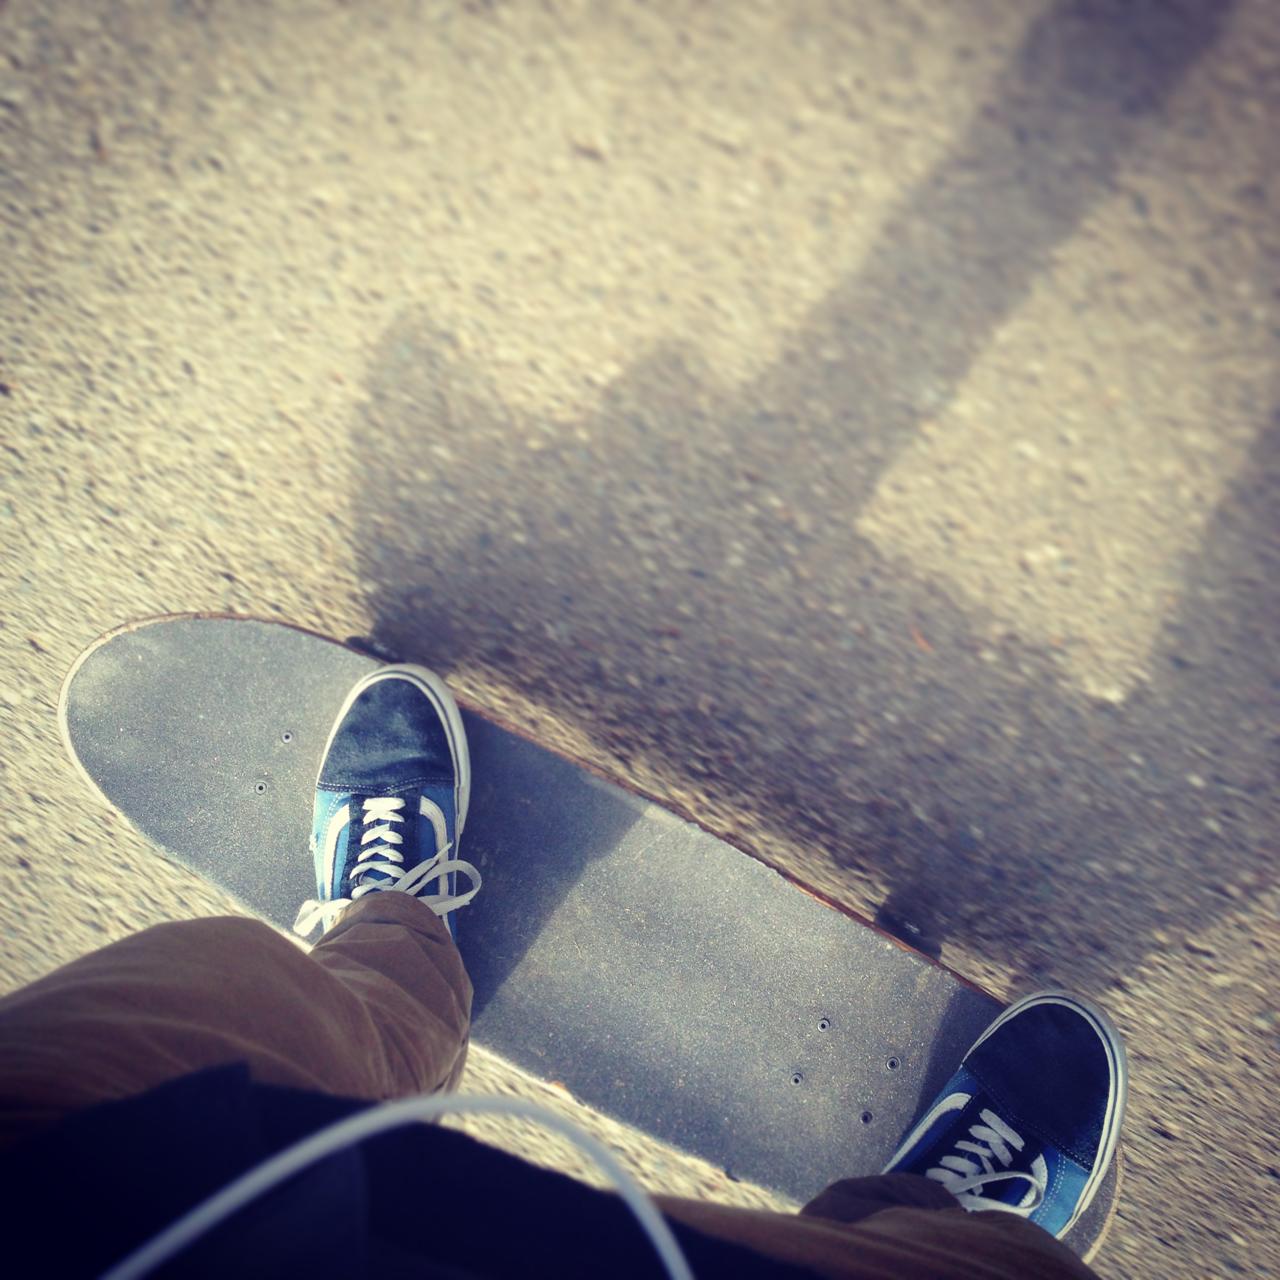 Skate day.